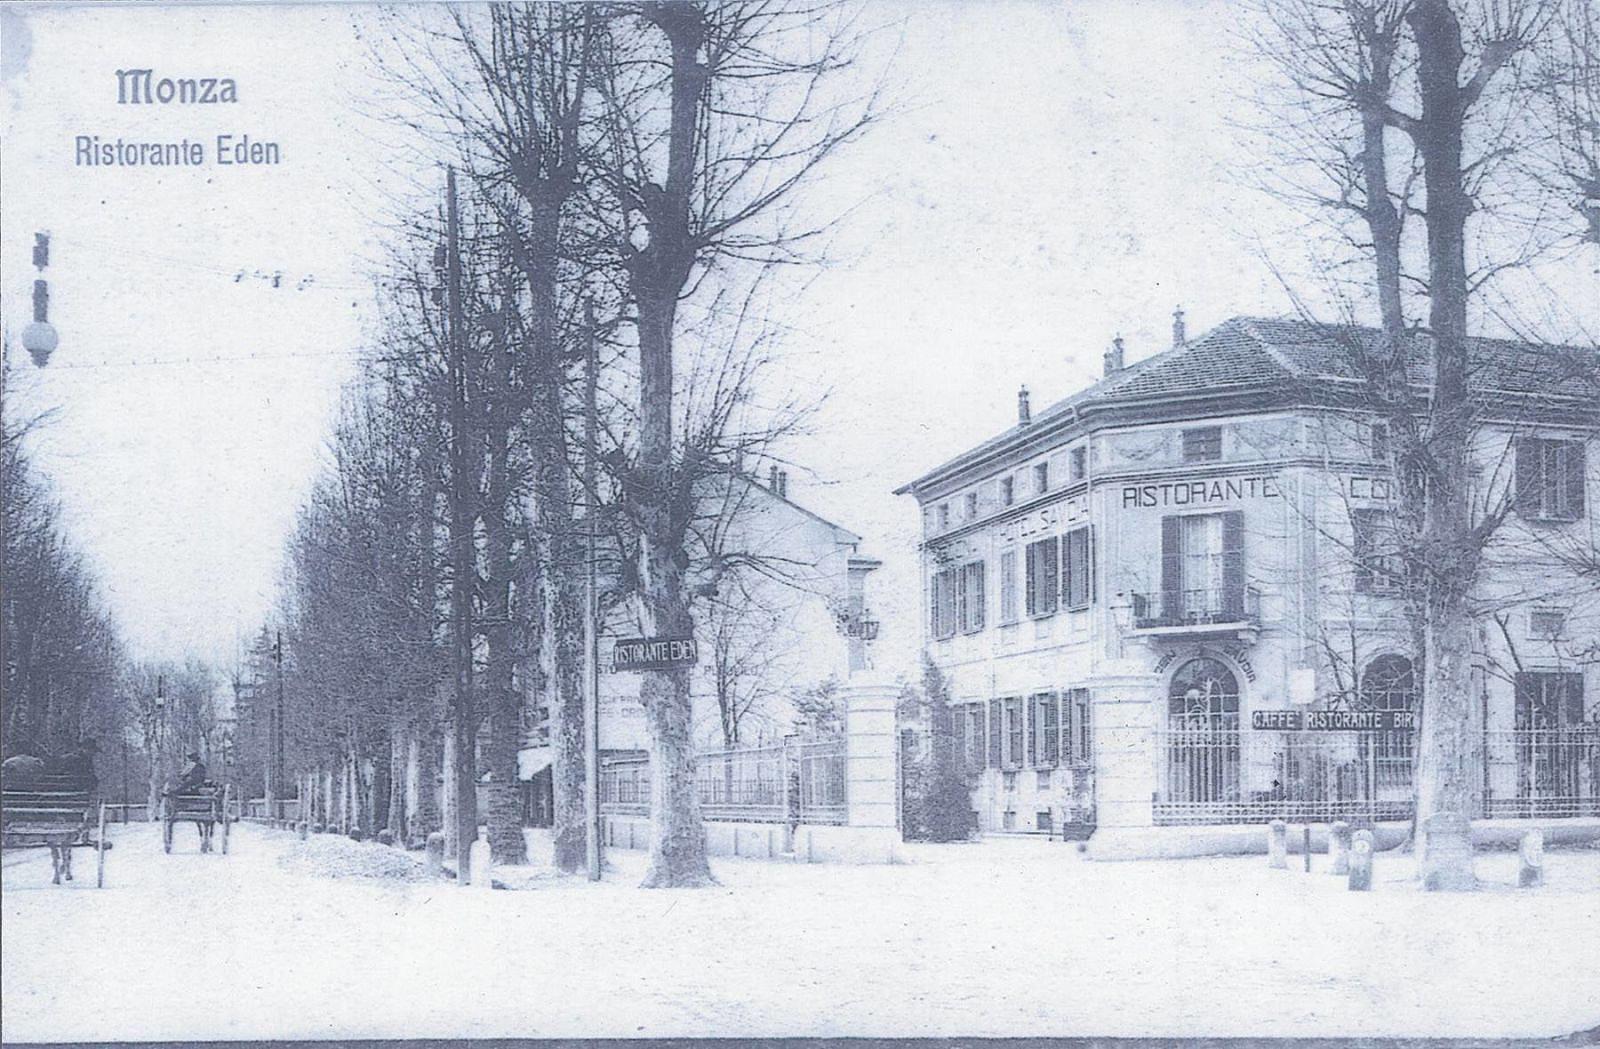 immagine d'epoca dell'hotel